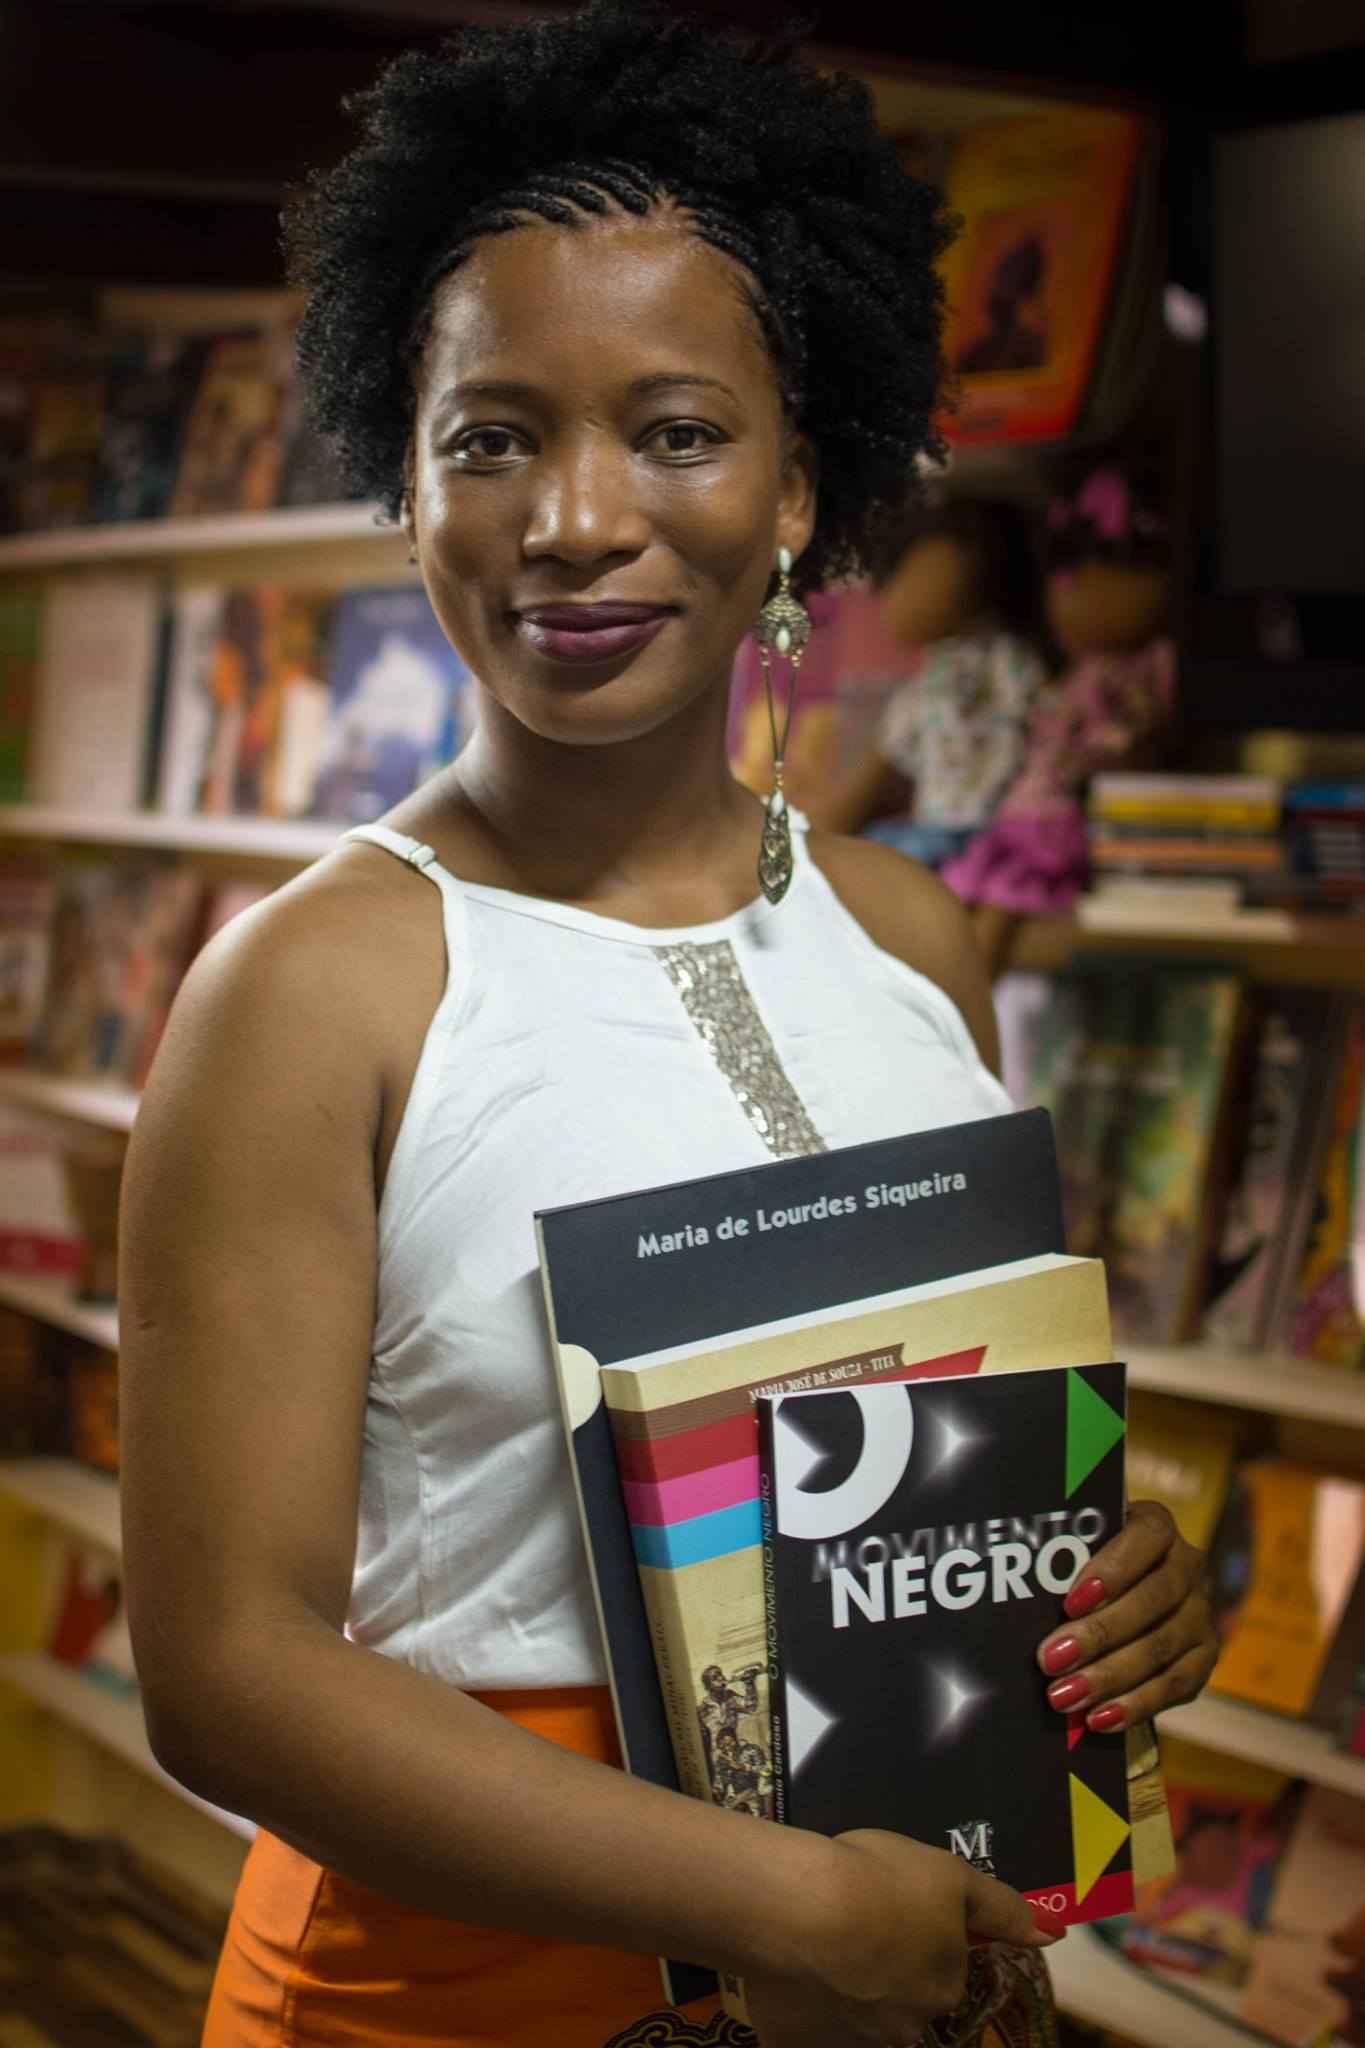 Jornalista Etiene Martins criou livraria que vende apenas obras de autores negros